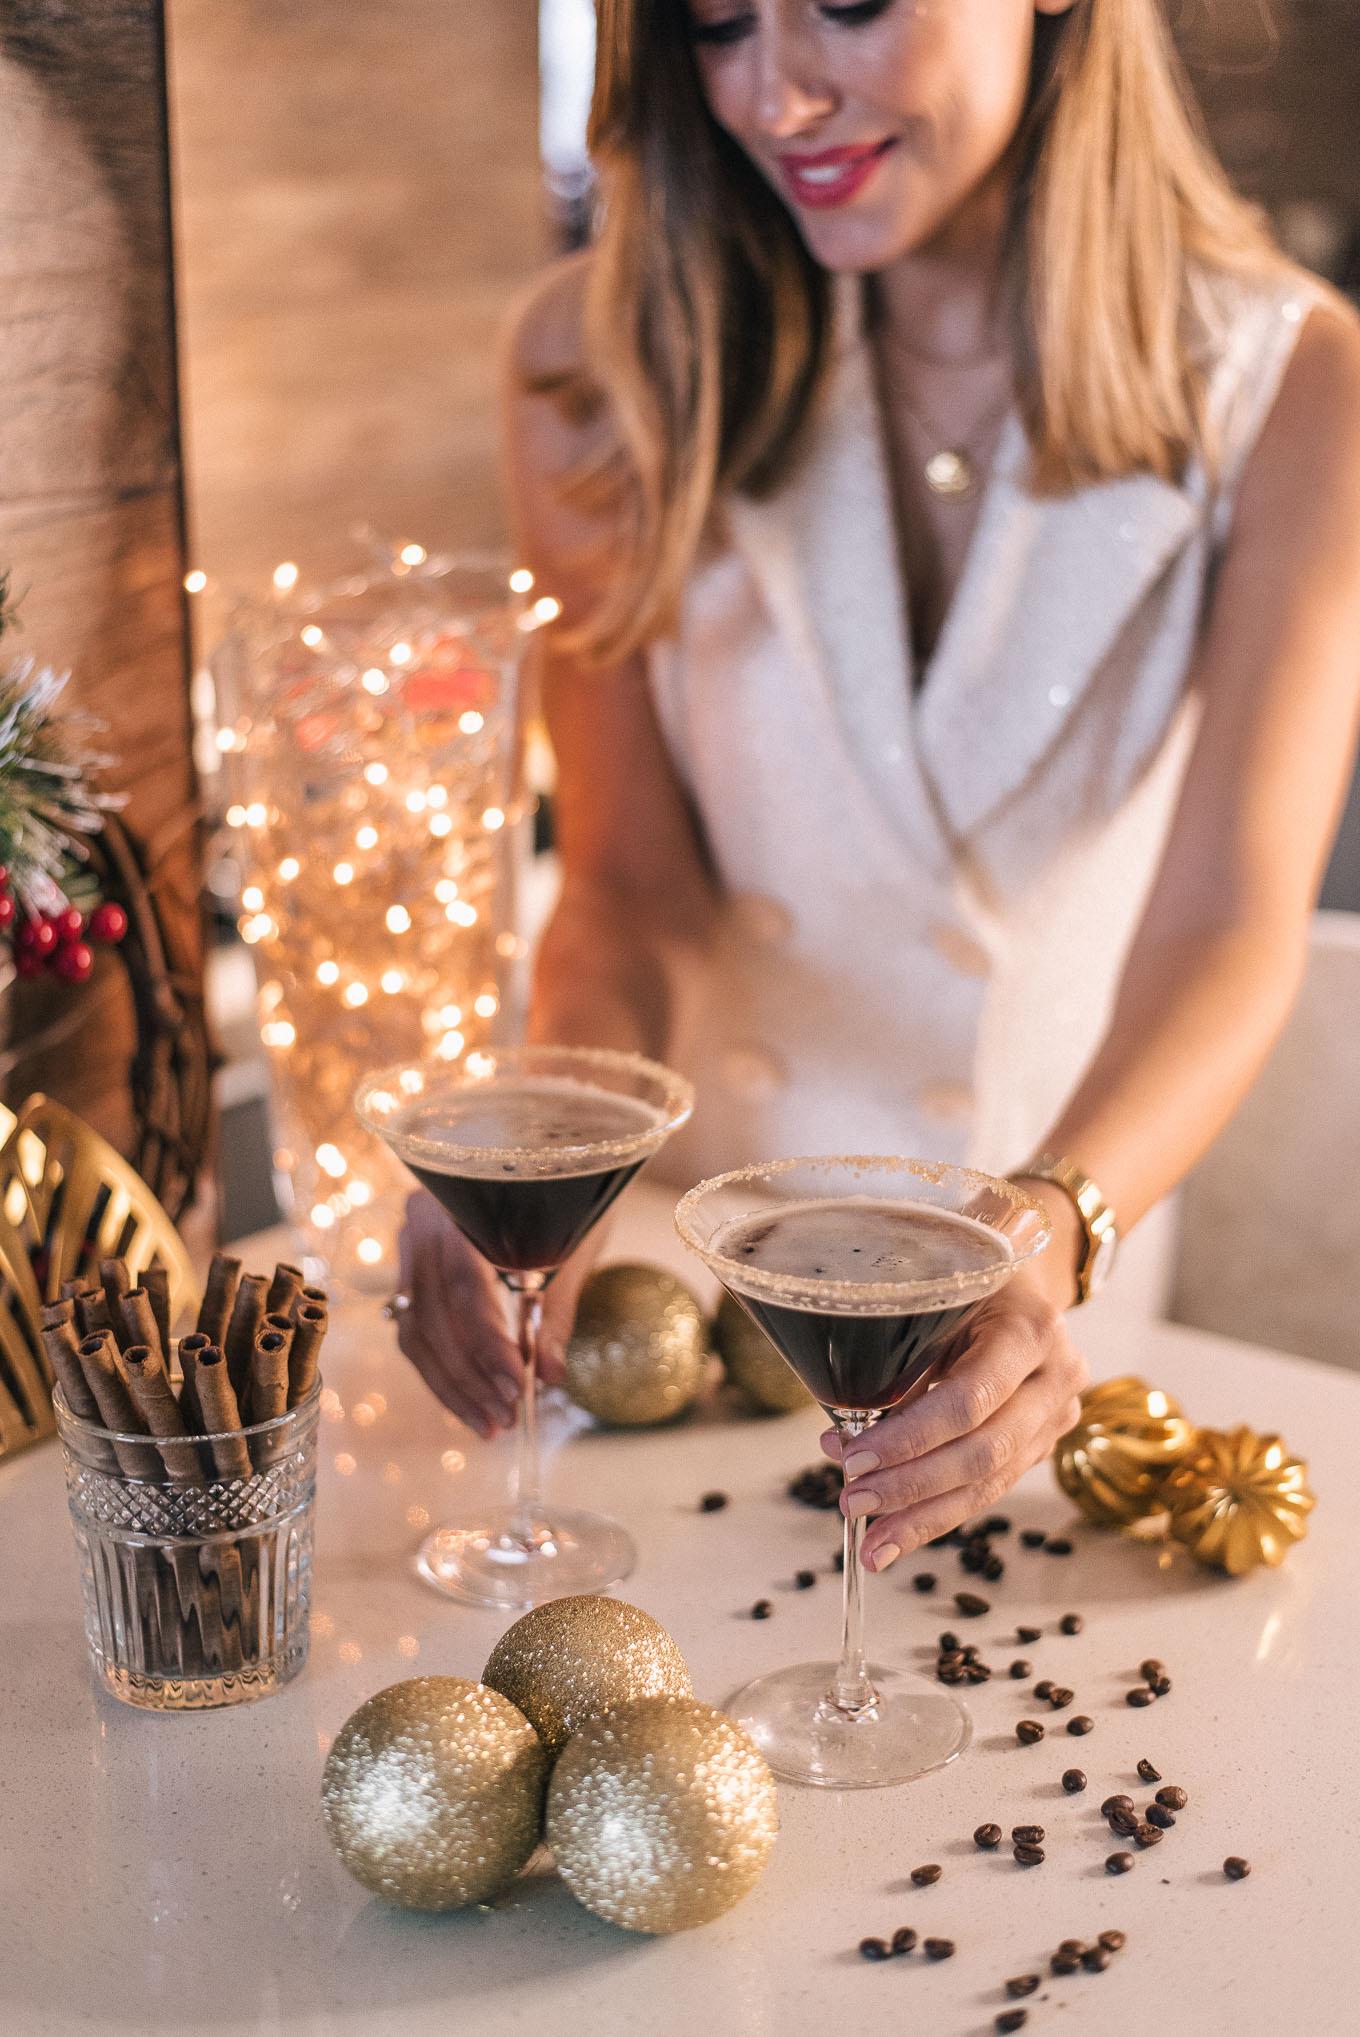 Festive espresso martini